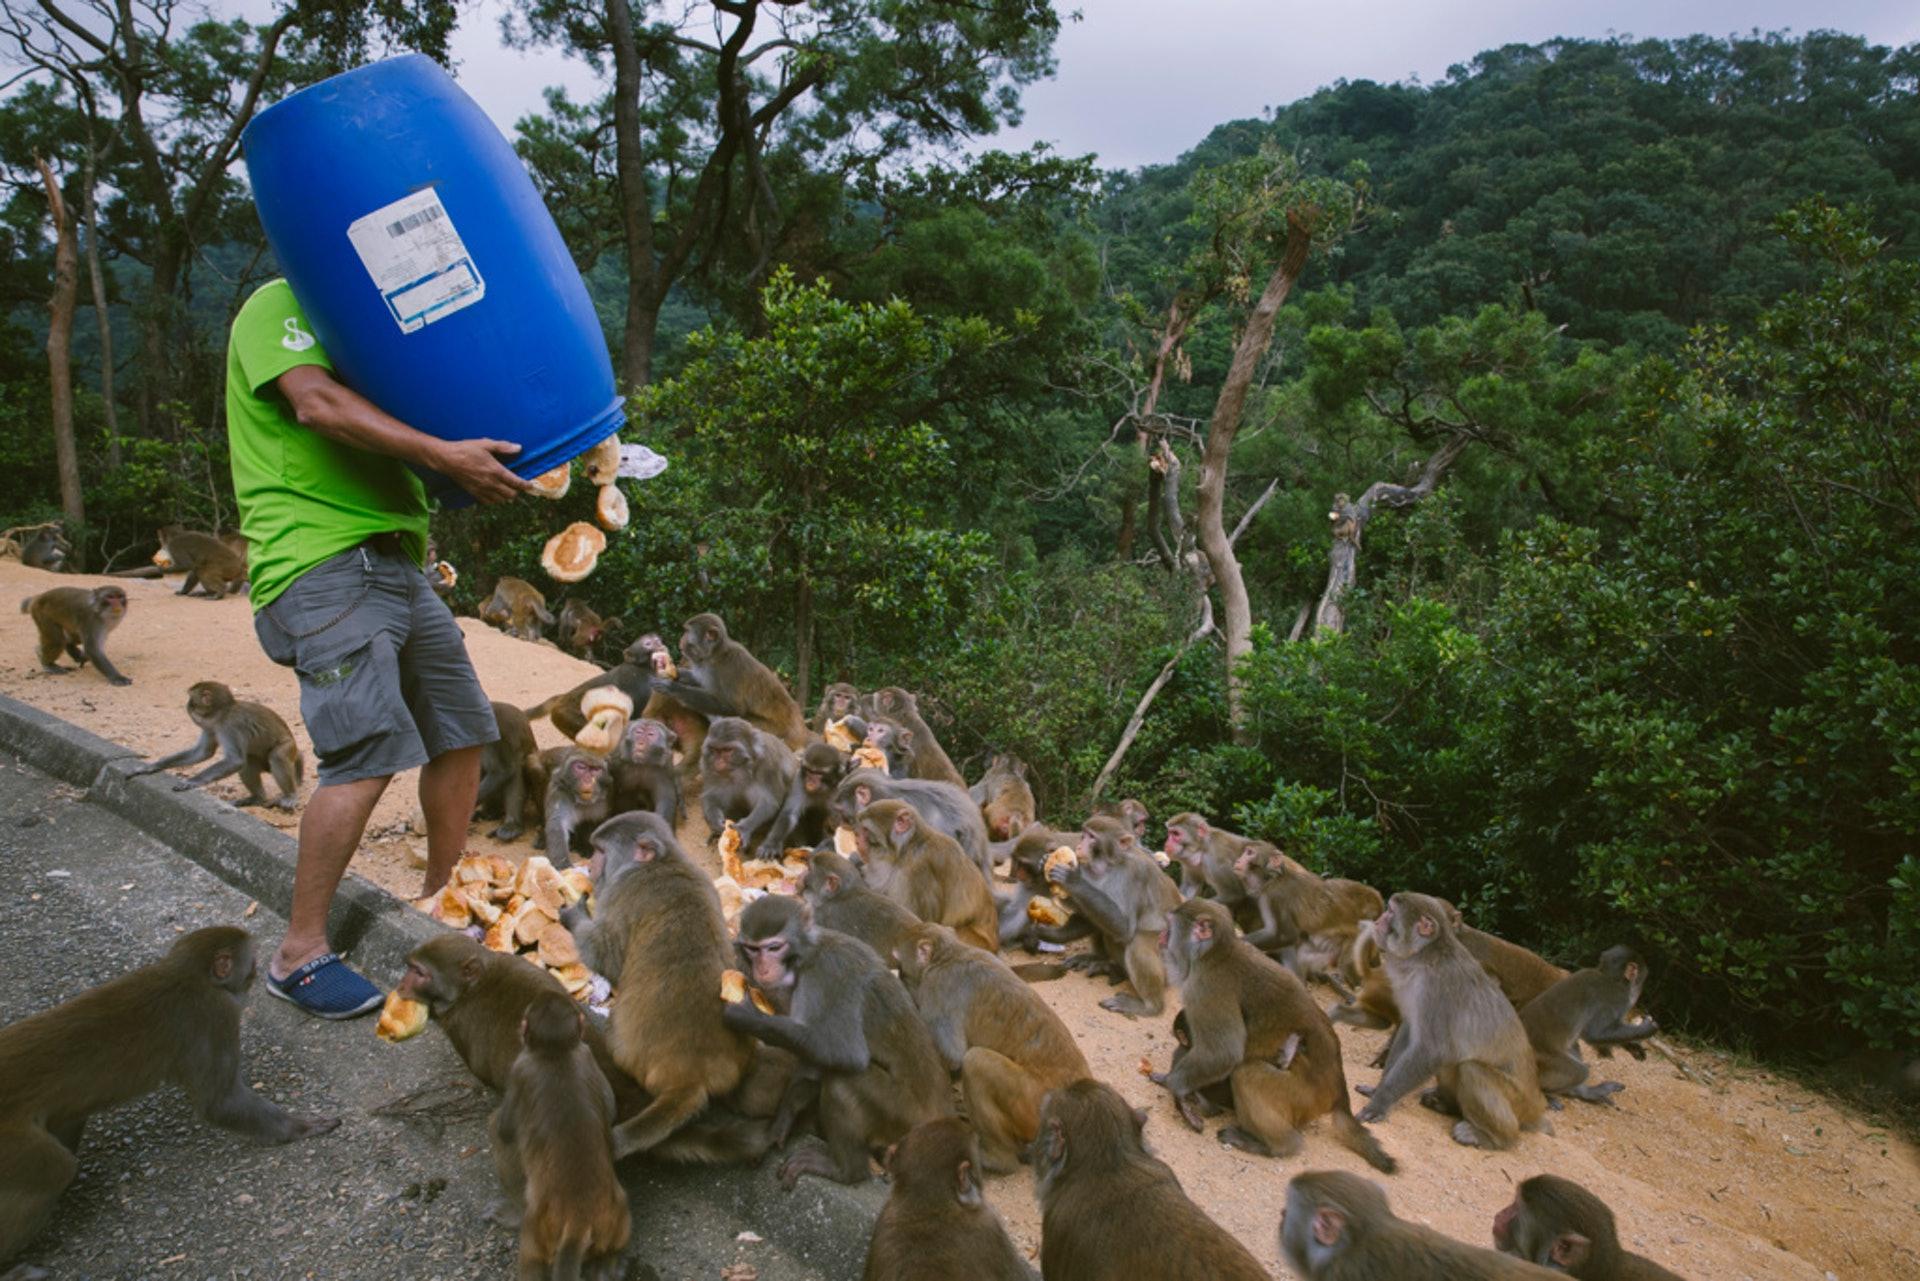 出於對動物的愛心而餵飼野豬和獮猴,有可能使這些動物一旦嘗得「甜頭」,自是依賴人類的餵食,致使牠們習慣向遊人討吃、搶食,甚至作出騷擾和攻擊行為。(資料圖片)